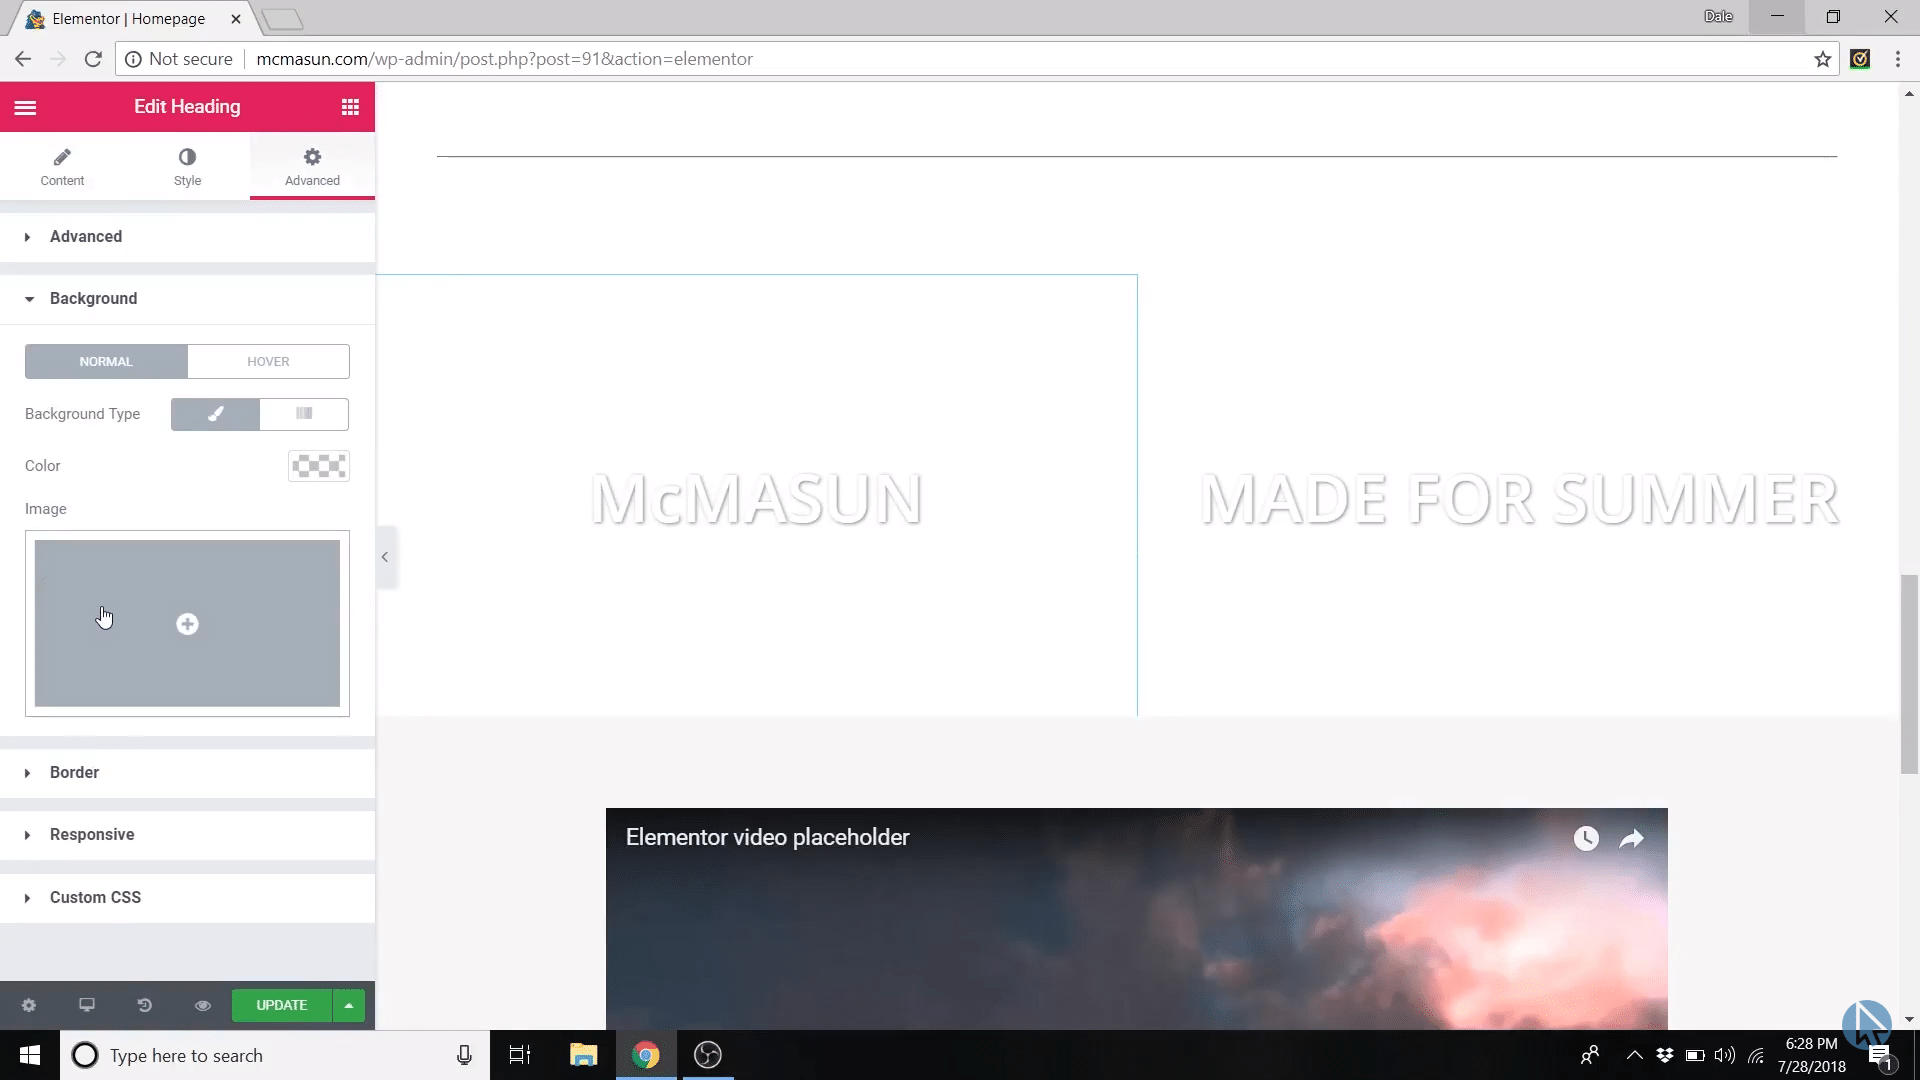 edit banner images